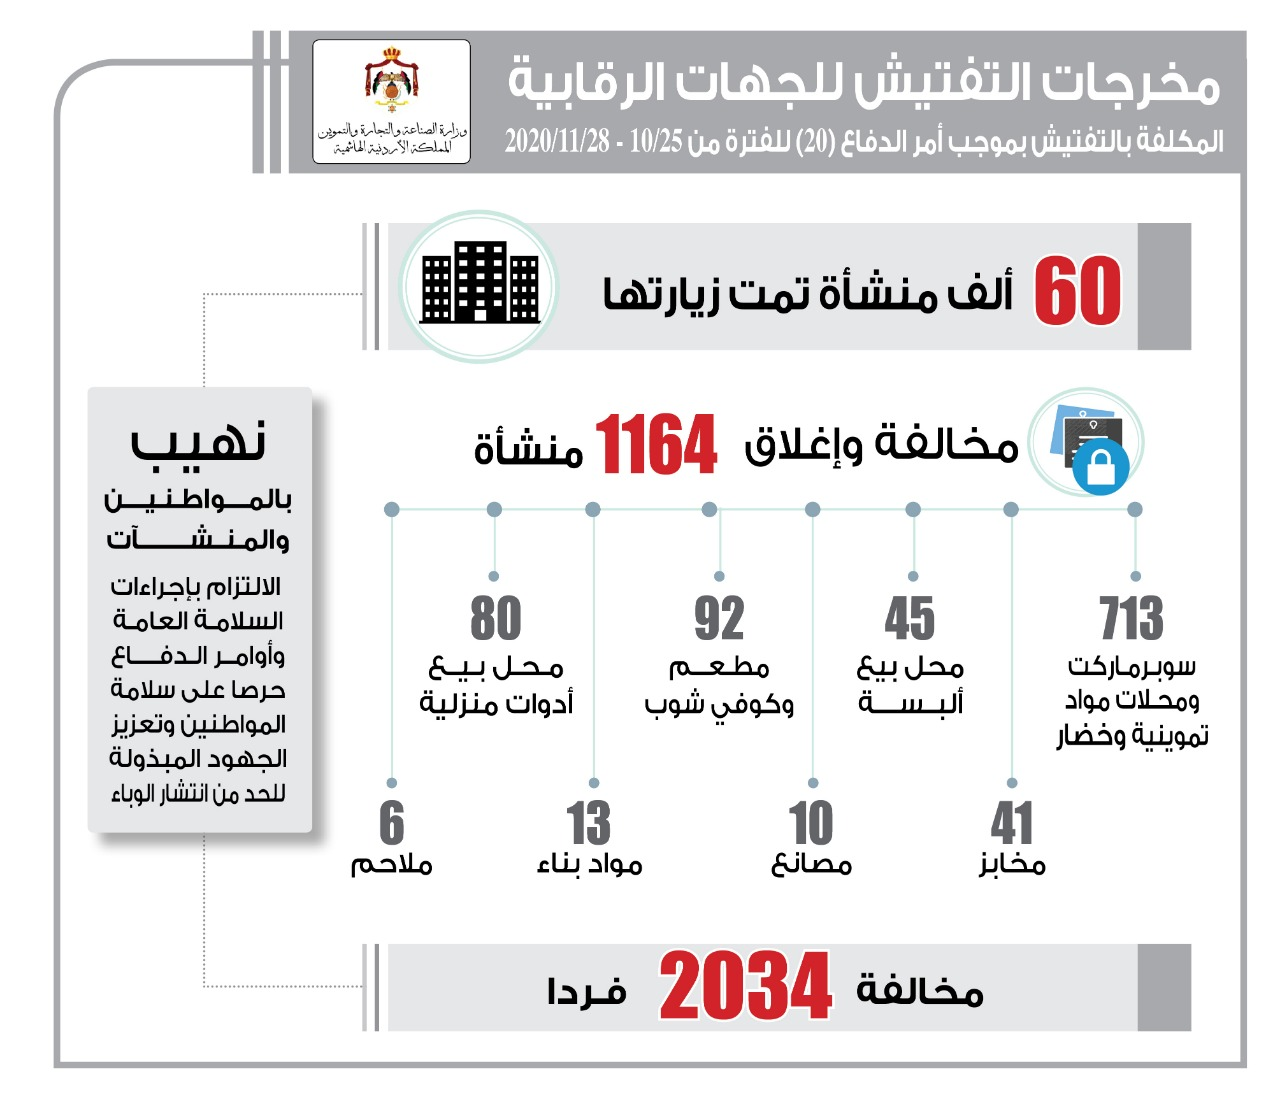 إغلاق 1164 منشأة من مختلف القطاعات و مخالفة 2034 مواطناً لمخالفة أمر الدفاع 20